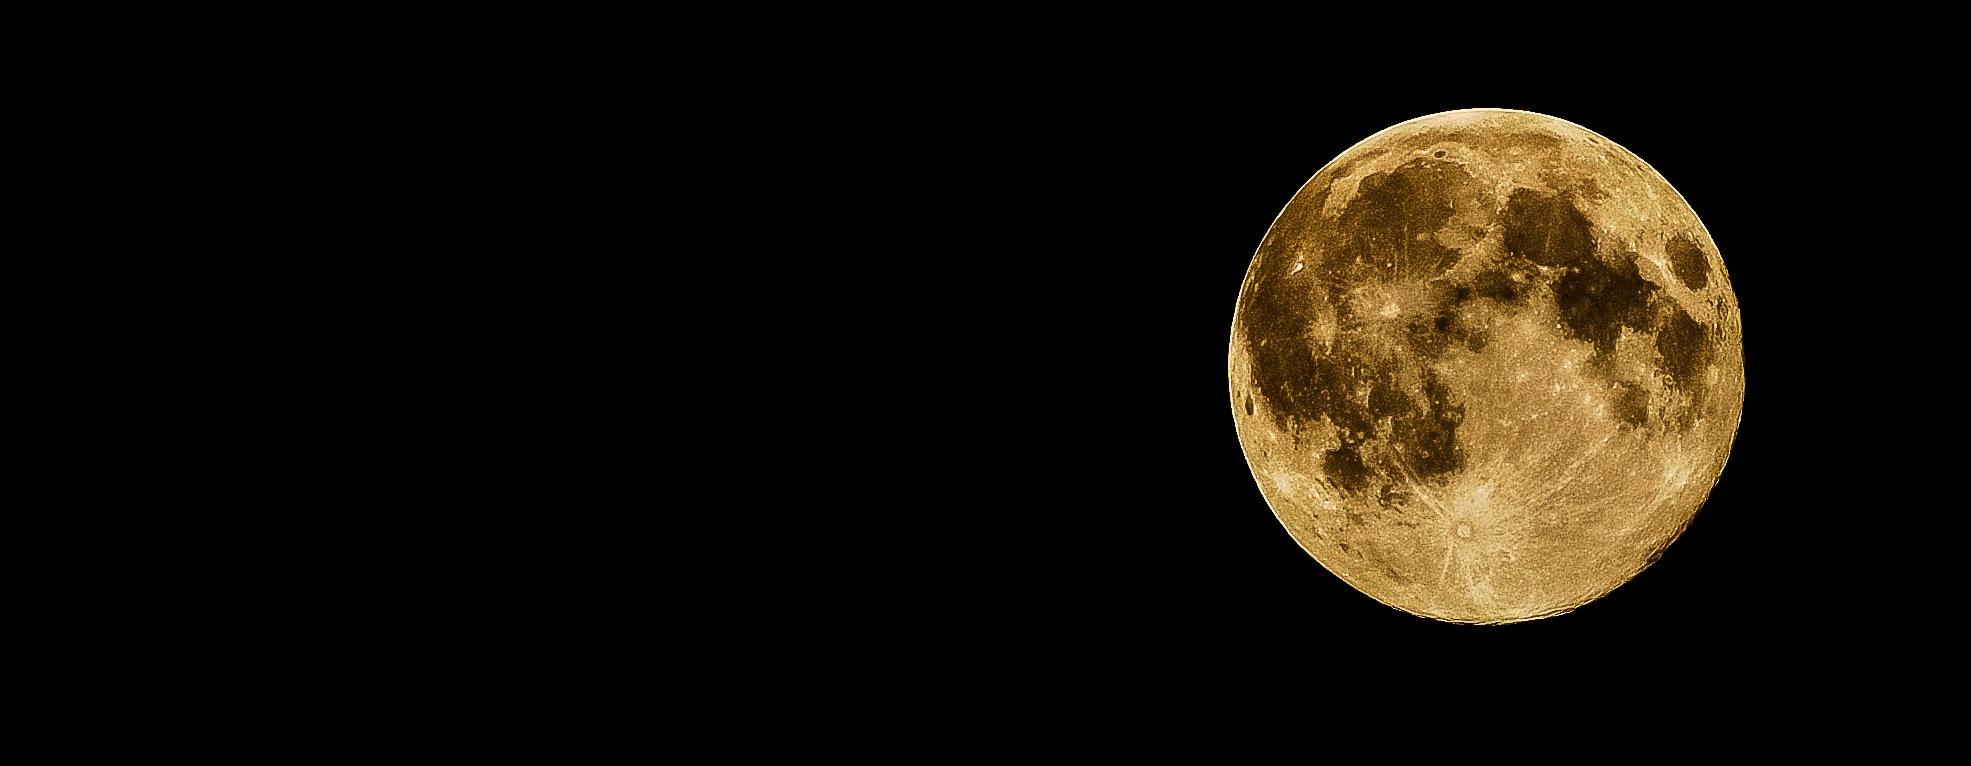 Yellow Moon, moon, full moon, big moon, night, night sky, space